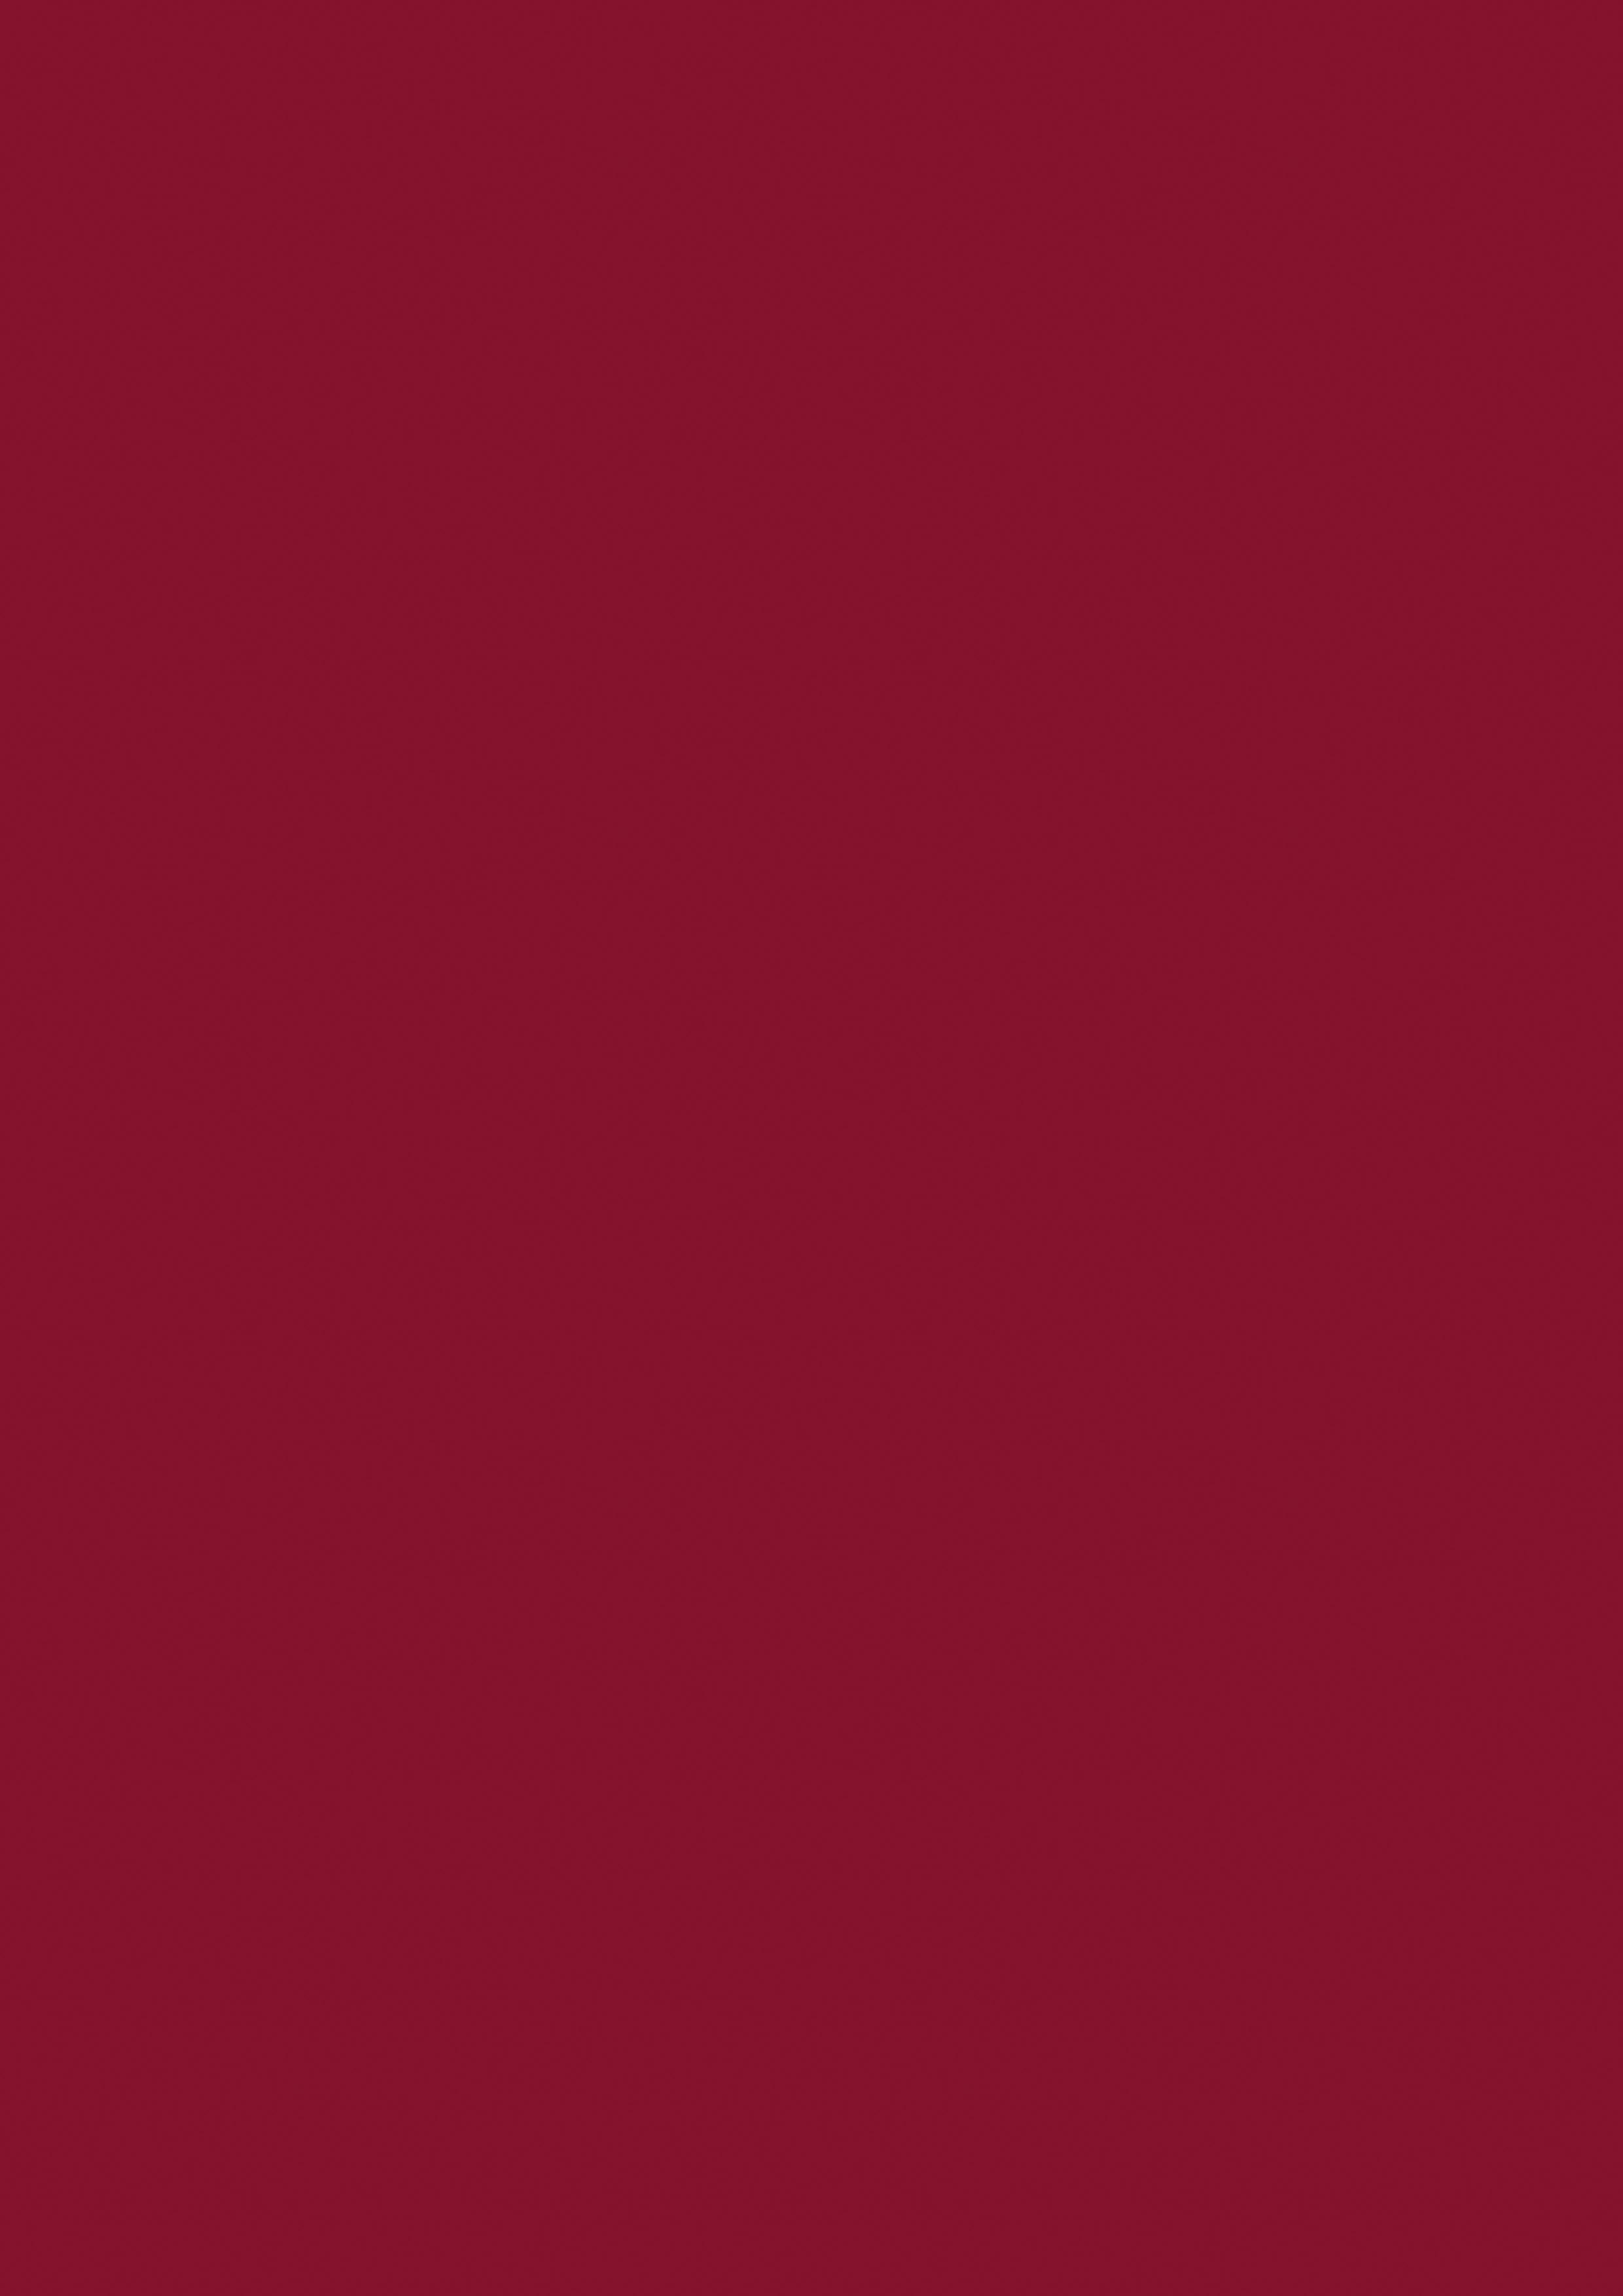 Ruby Red (U1691FG)